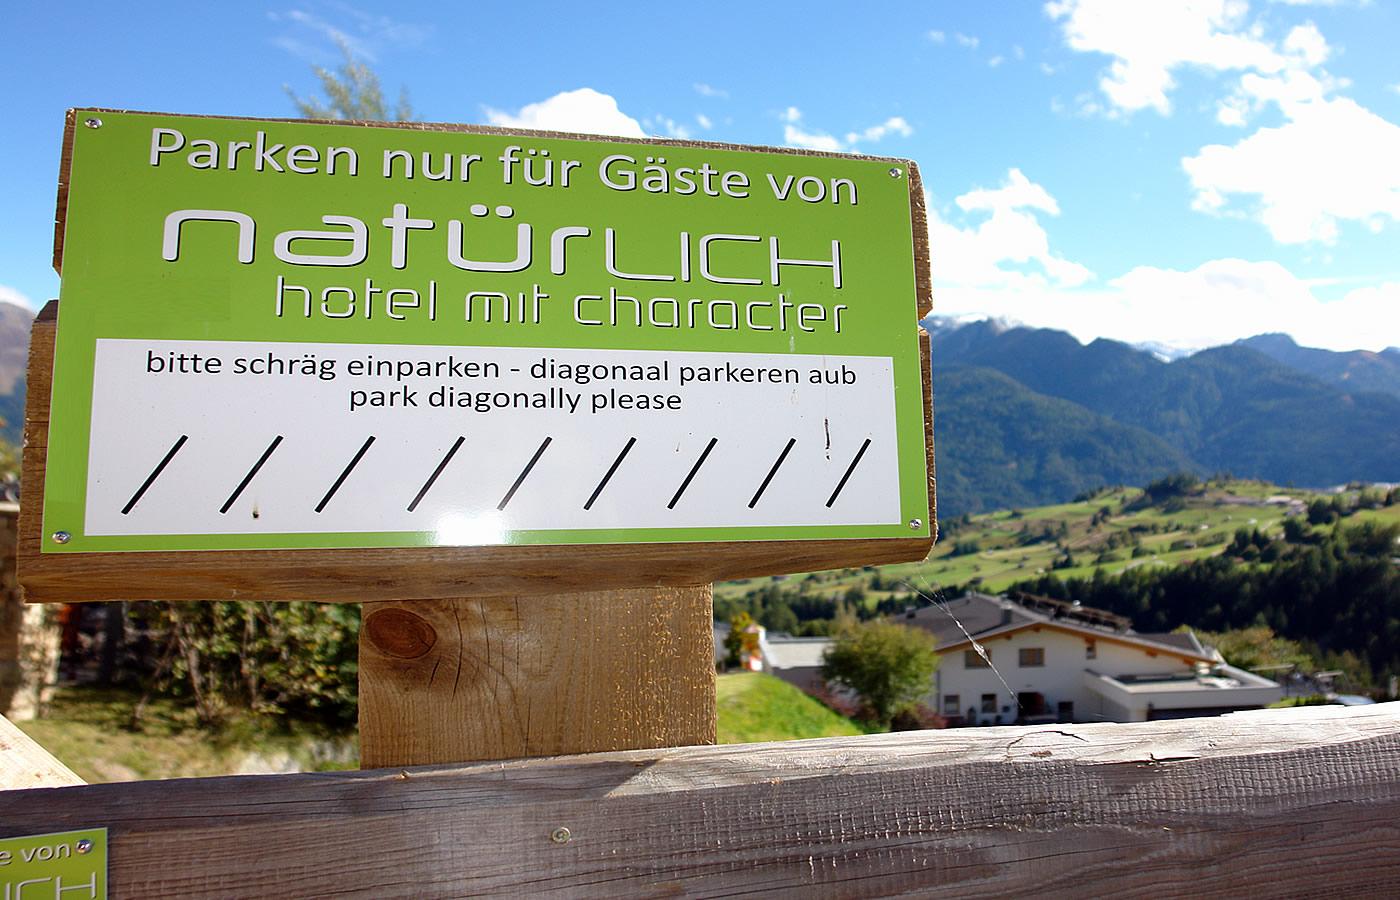 Garage Hotel Natürlich in Fiss, Tirol. Bikeparknähe im Sommer!